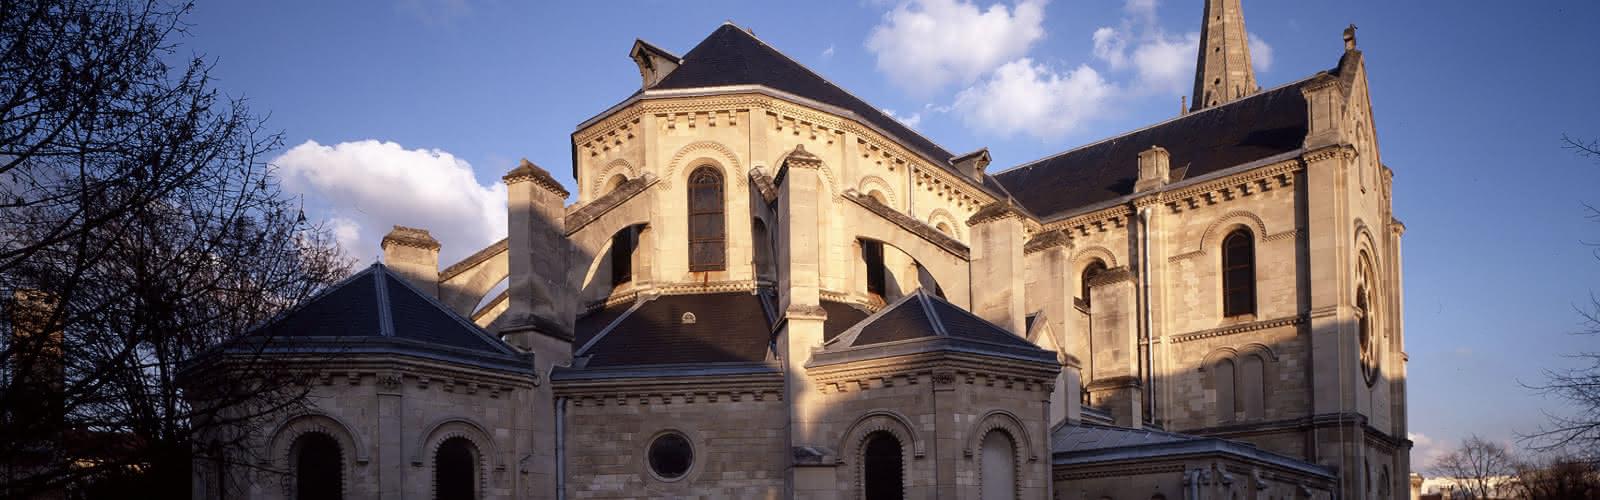 Basilique Saint-Denys - Argenteuil